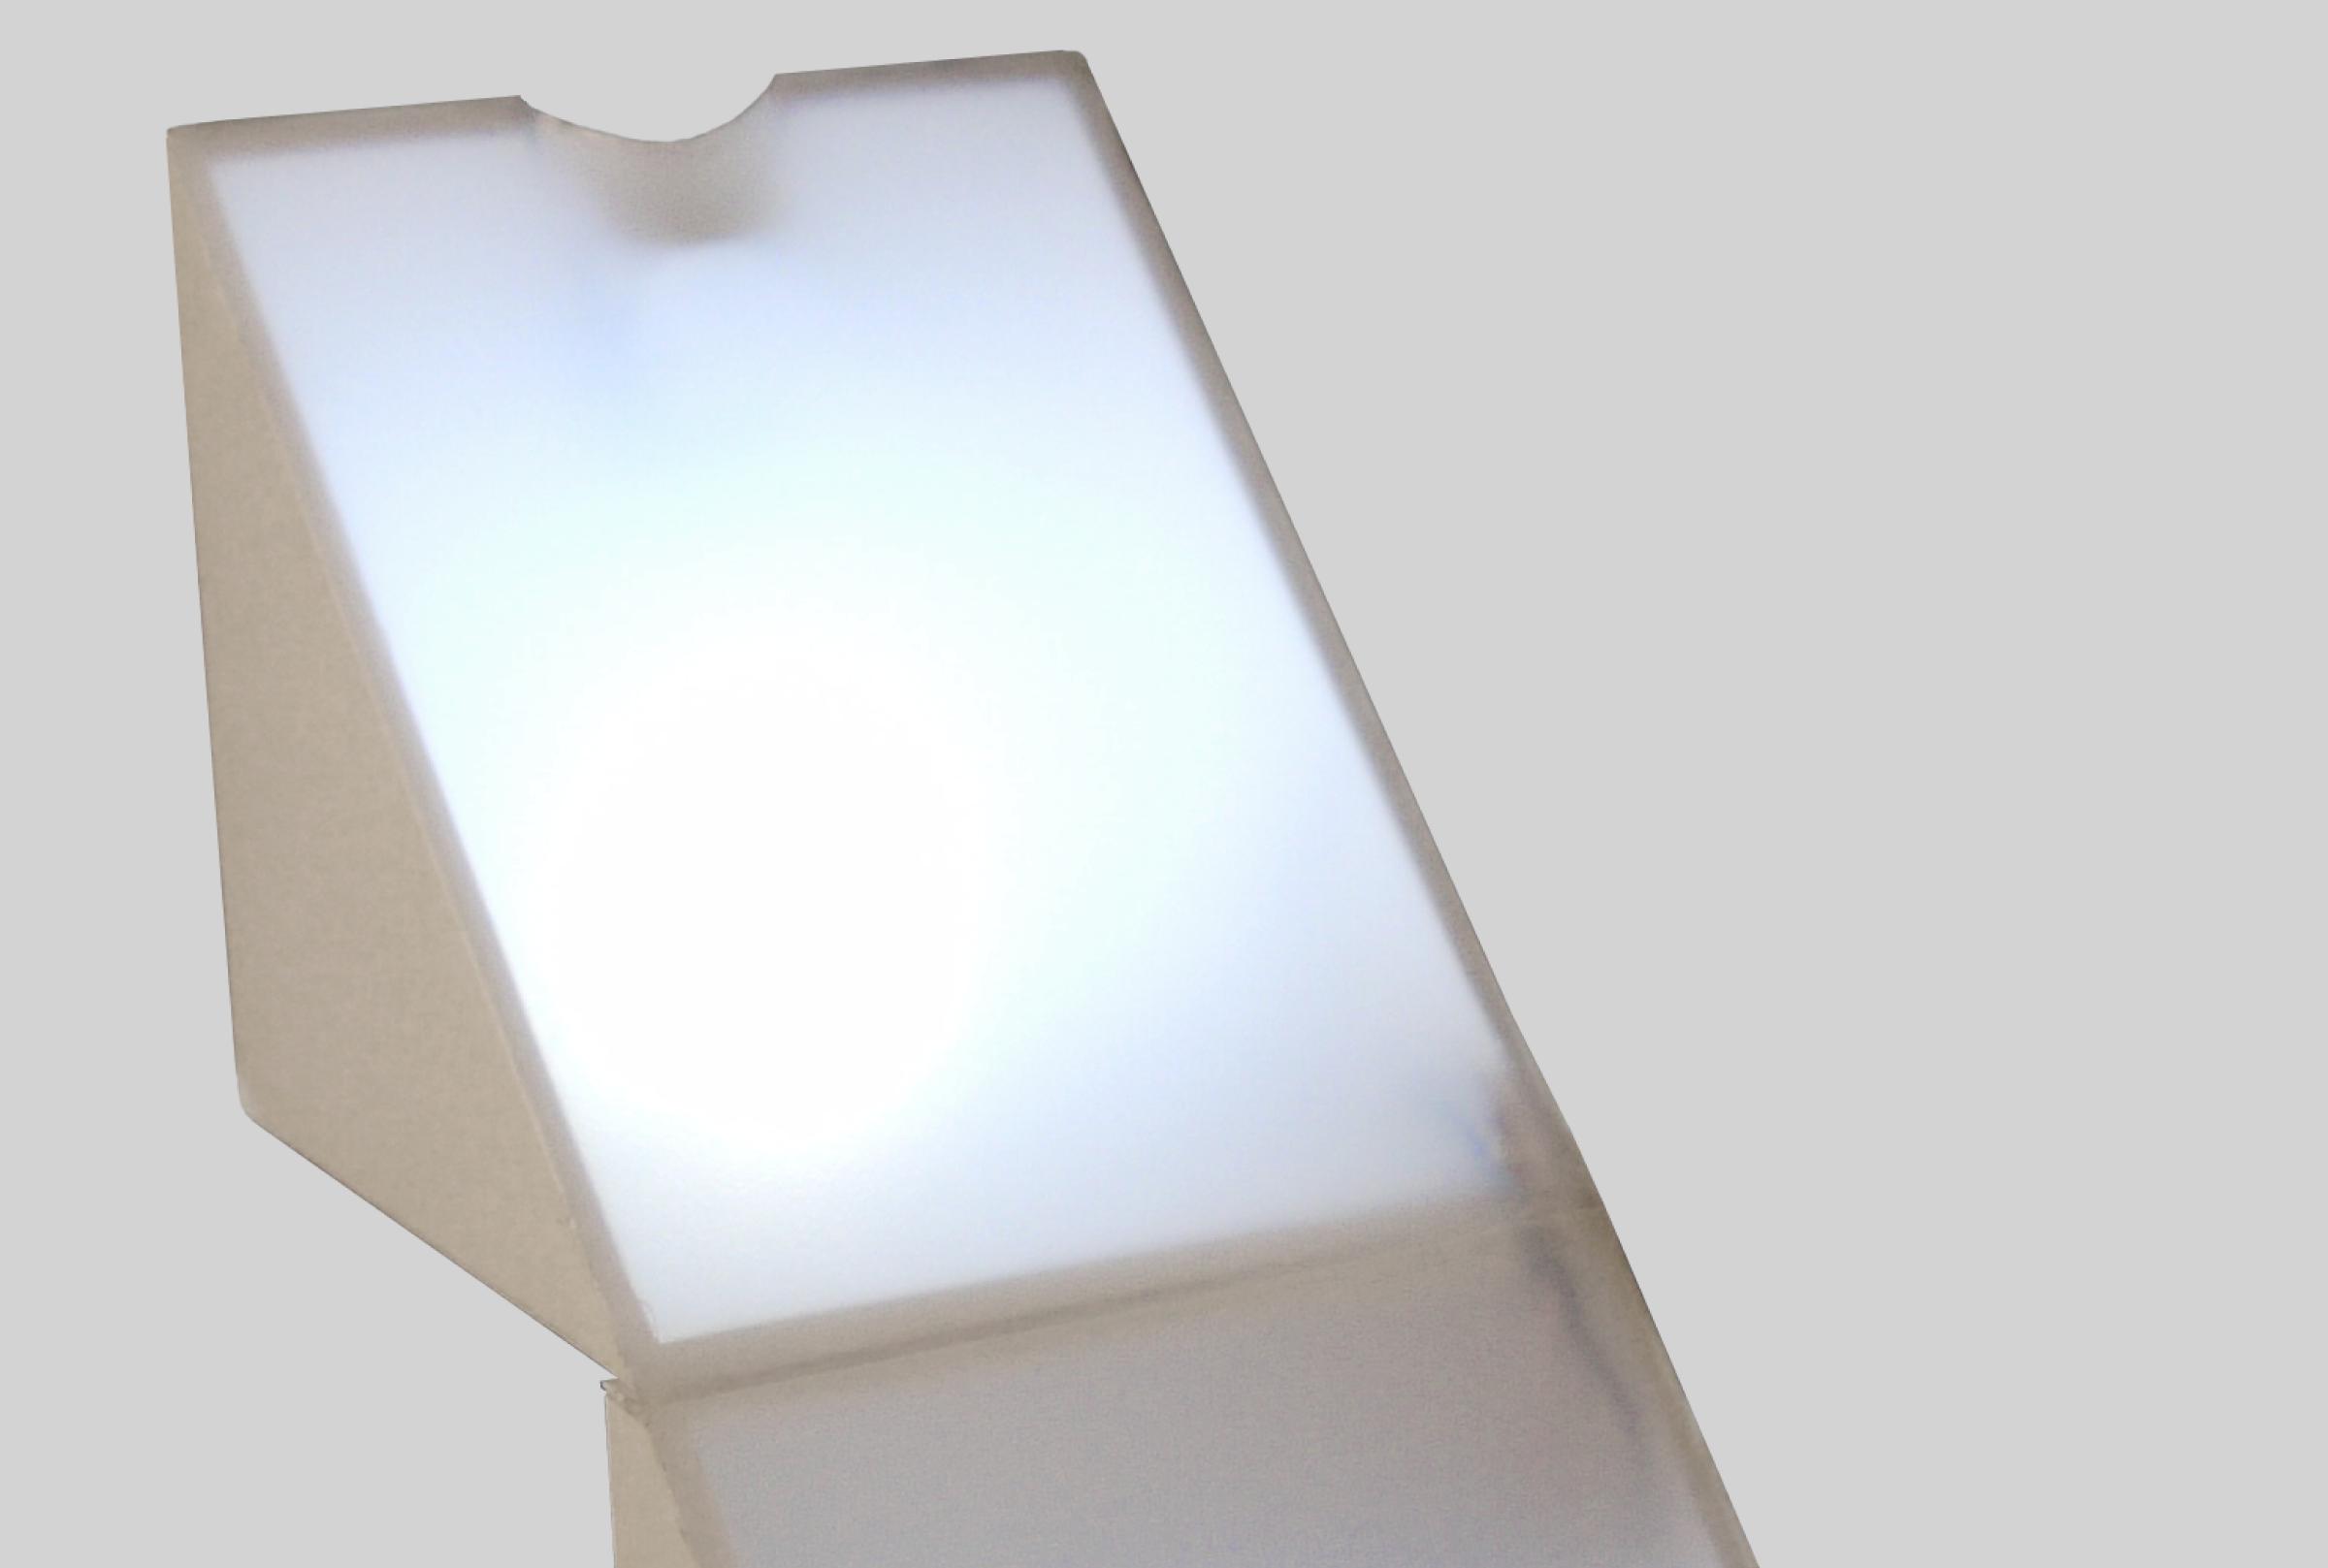 lamp-01.png